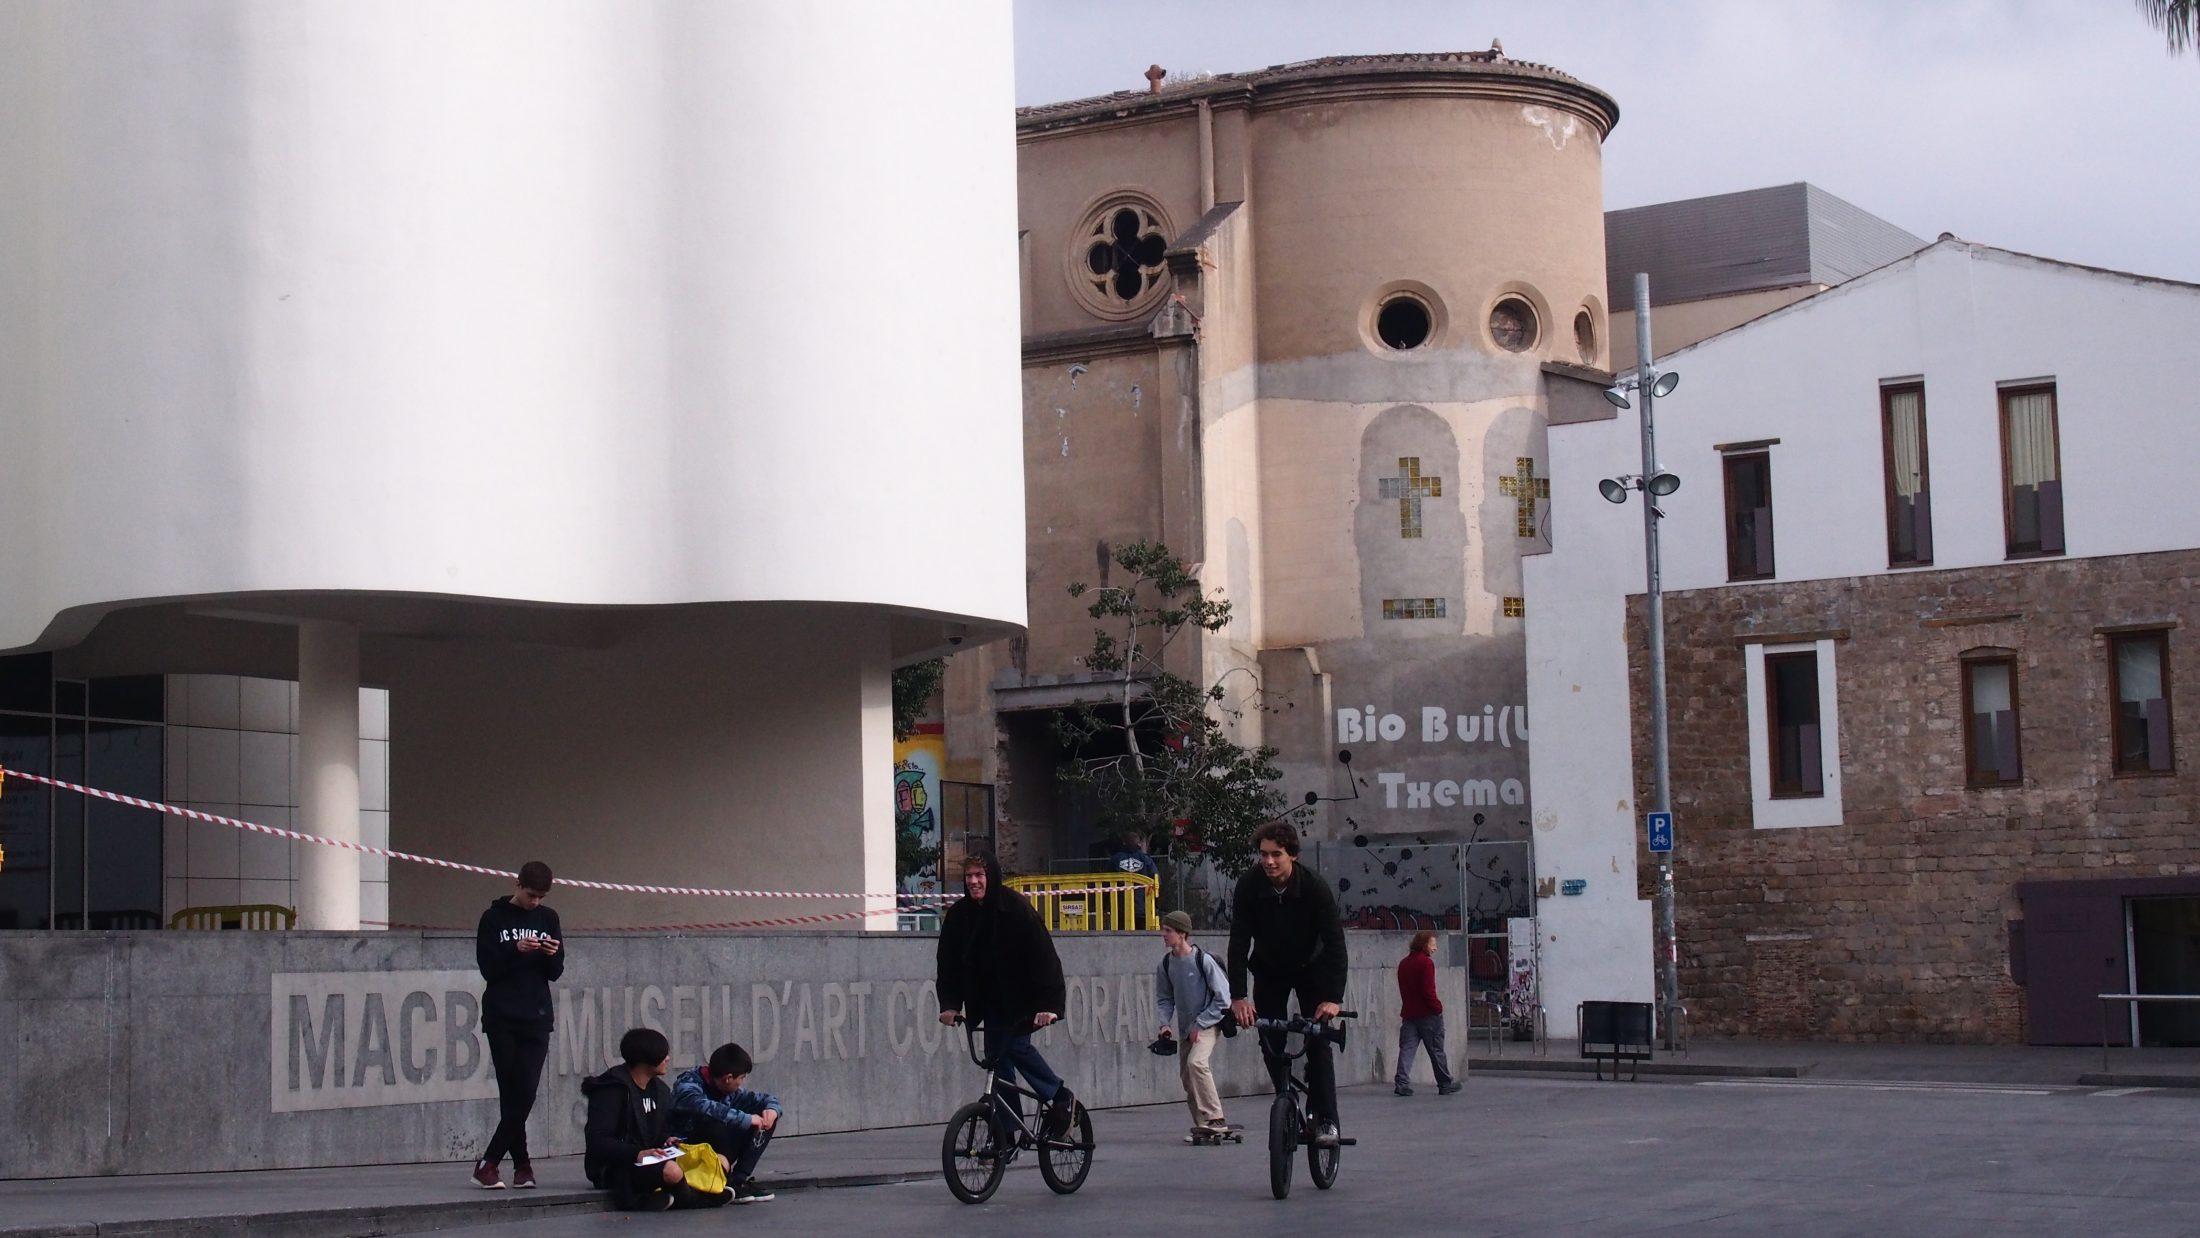 Batalla contra la cultura o el modelo de ciudad? El CAP Raval Nord denuncia 25 años sin un acceso digno a la salud